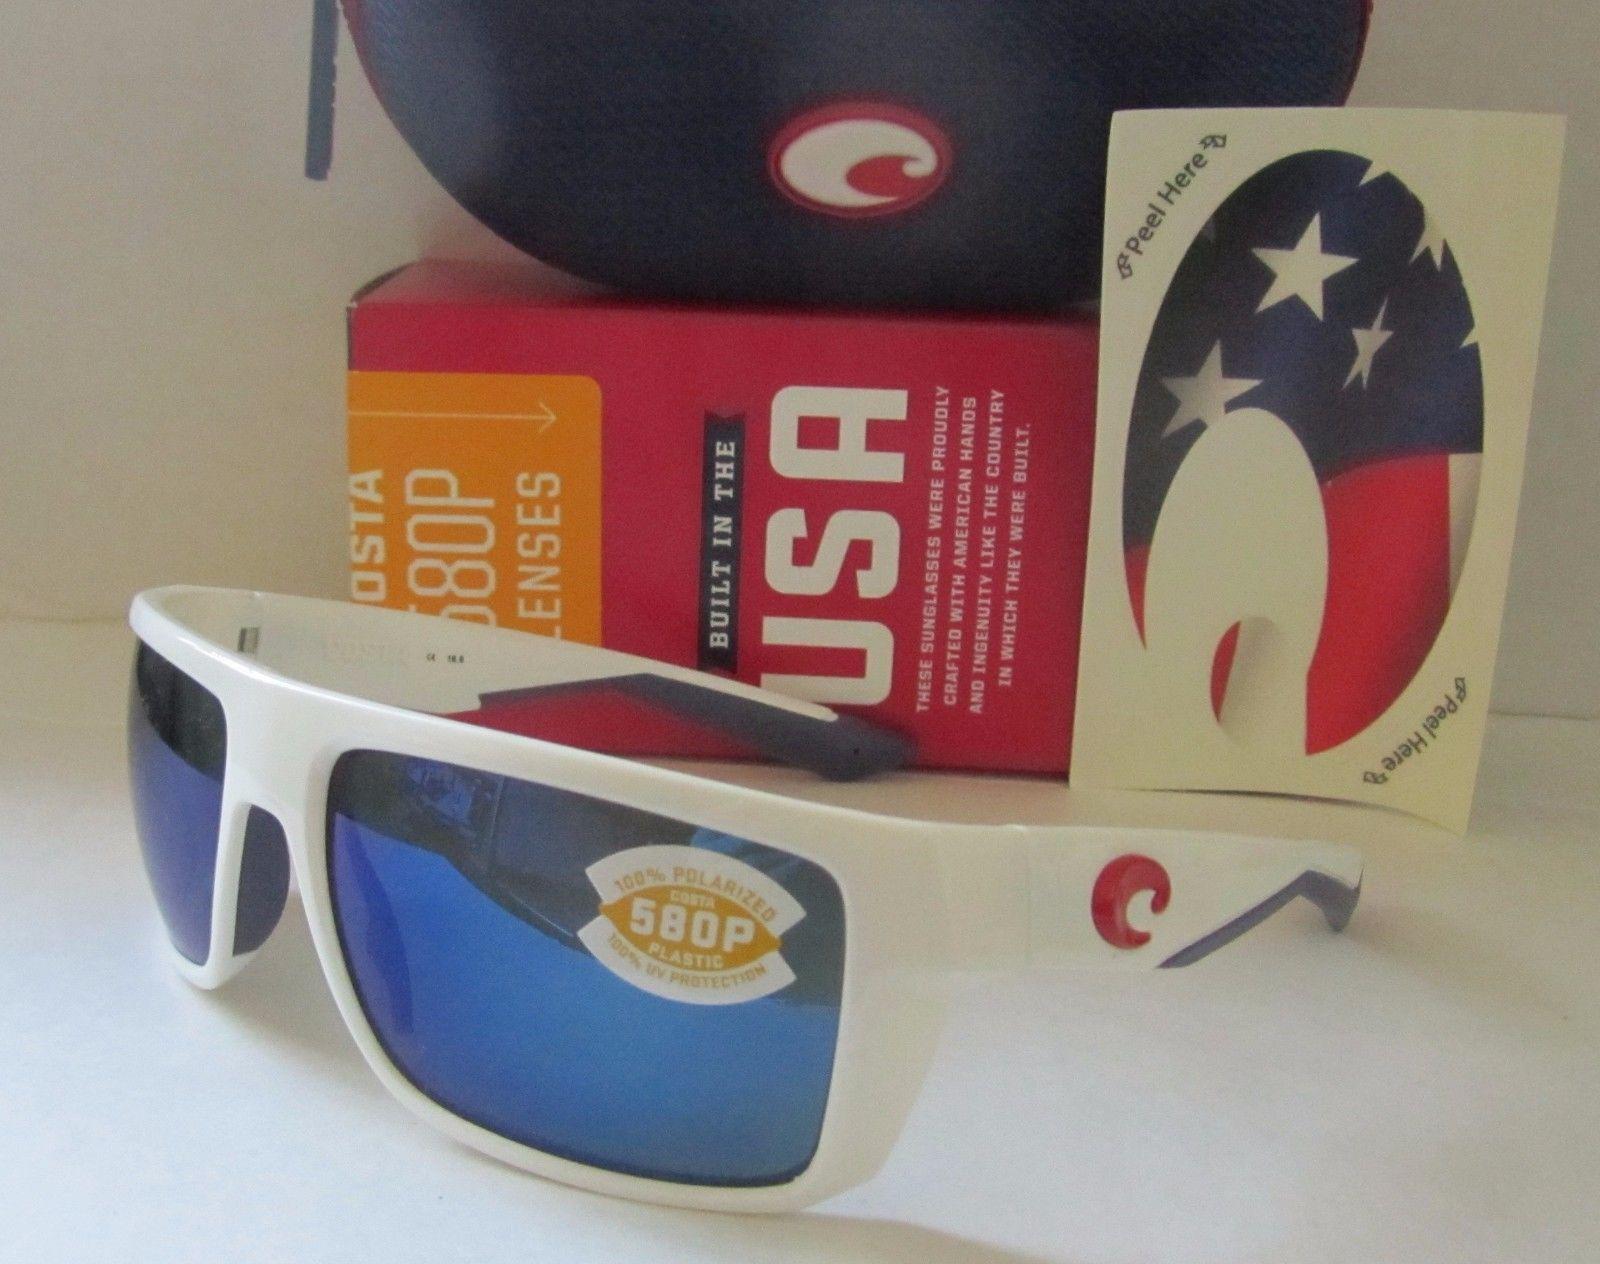 9f59c6e29ecb COSTA DEL MAR white/blue MOTU POLARIZED 580P LIMITED EDITION USA sunglasses  NEW!